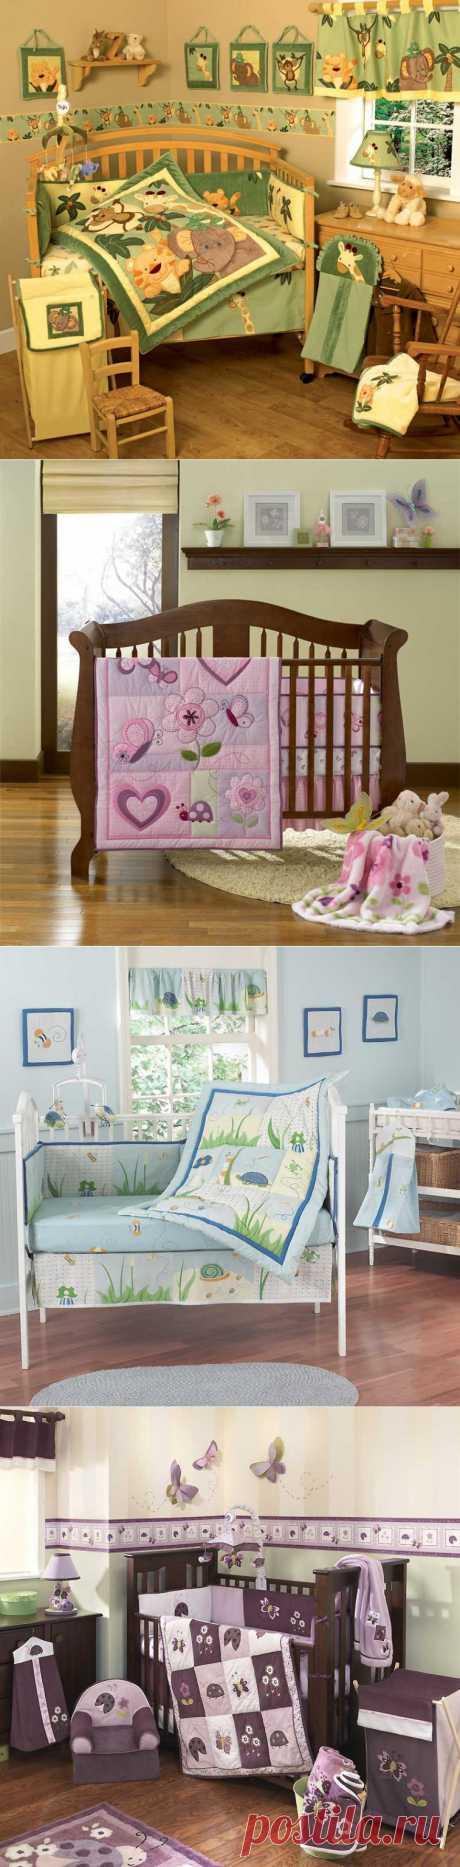 Интерьер детской комнаты. Молодые мамочки, ломитесь сюда за идеями!.